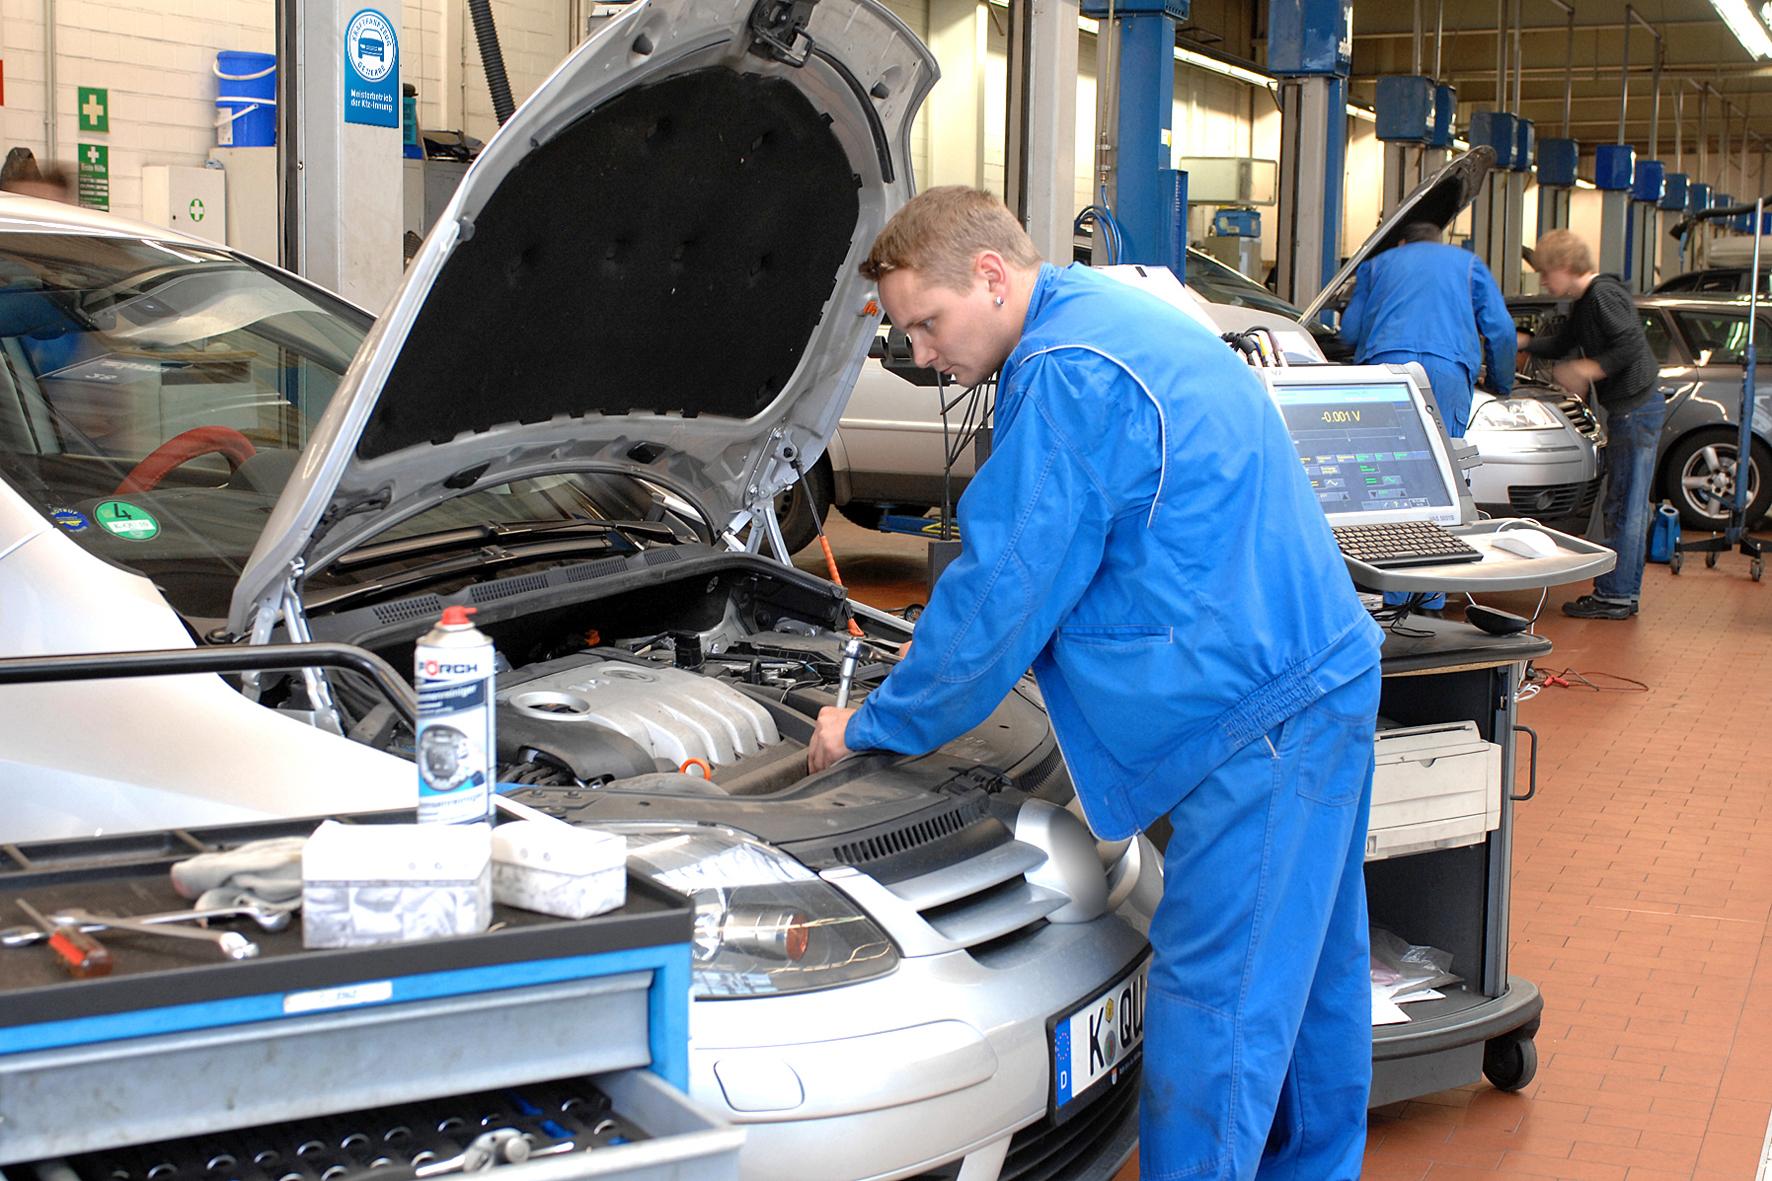 mid Düsseldorf - Mehr als 3.800 kleinere Kfz-Werkstätten in Deutschland werden laut einer Studie in den kommenden zehn Jahren voraussichtlich wegfallen.